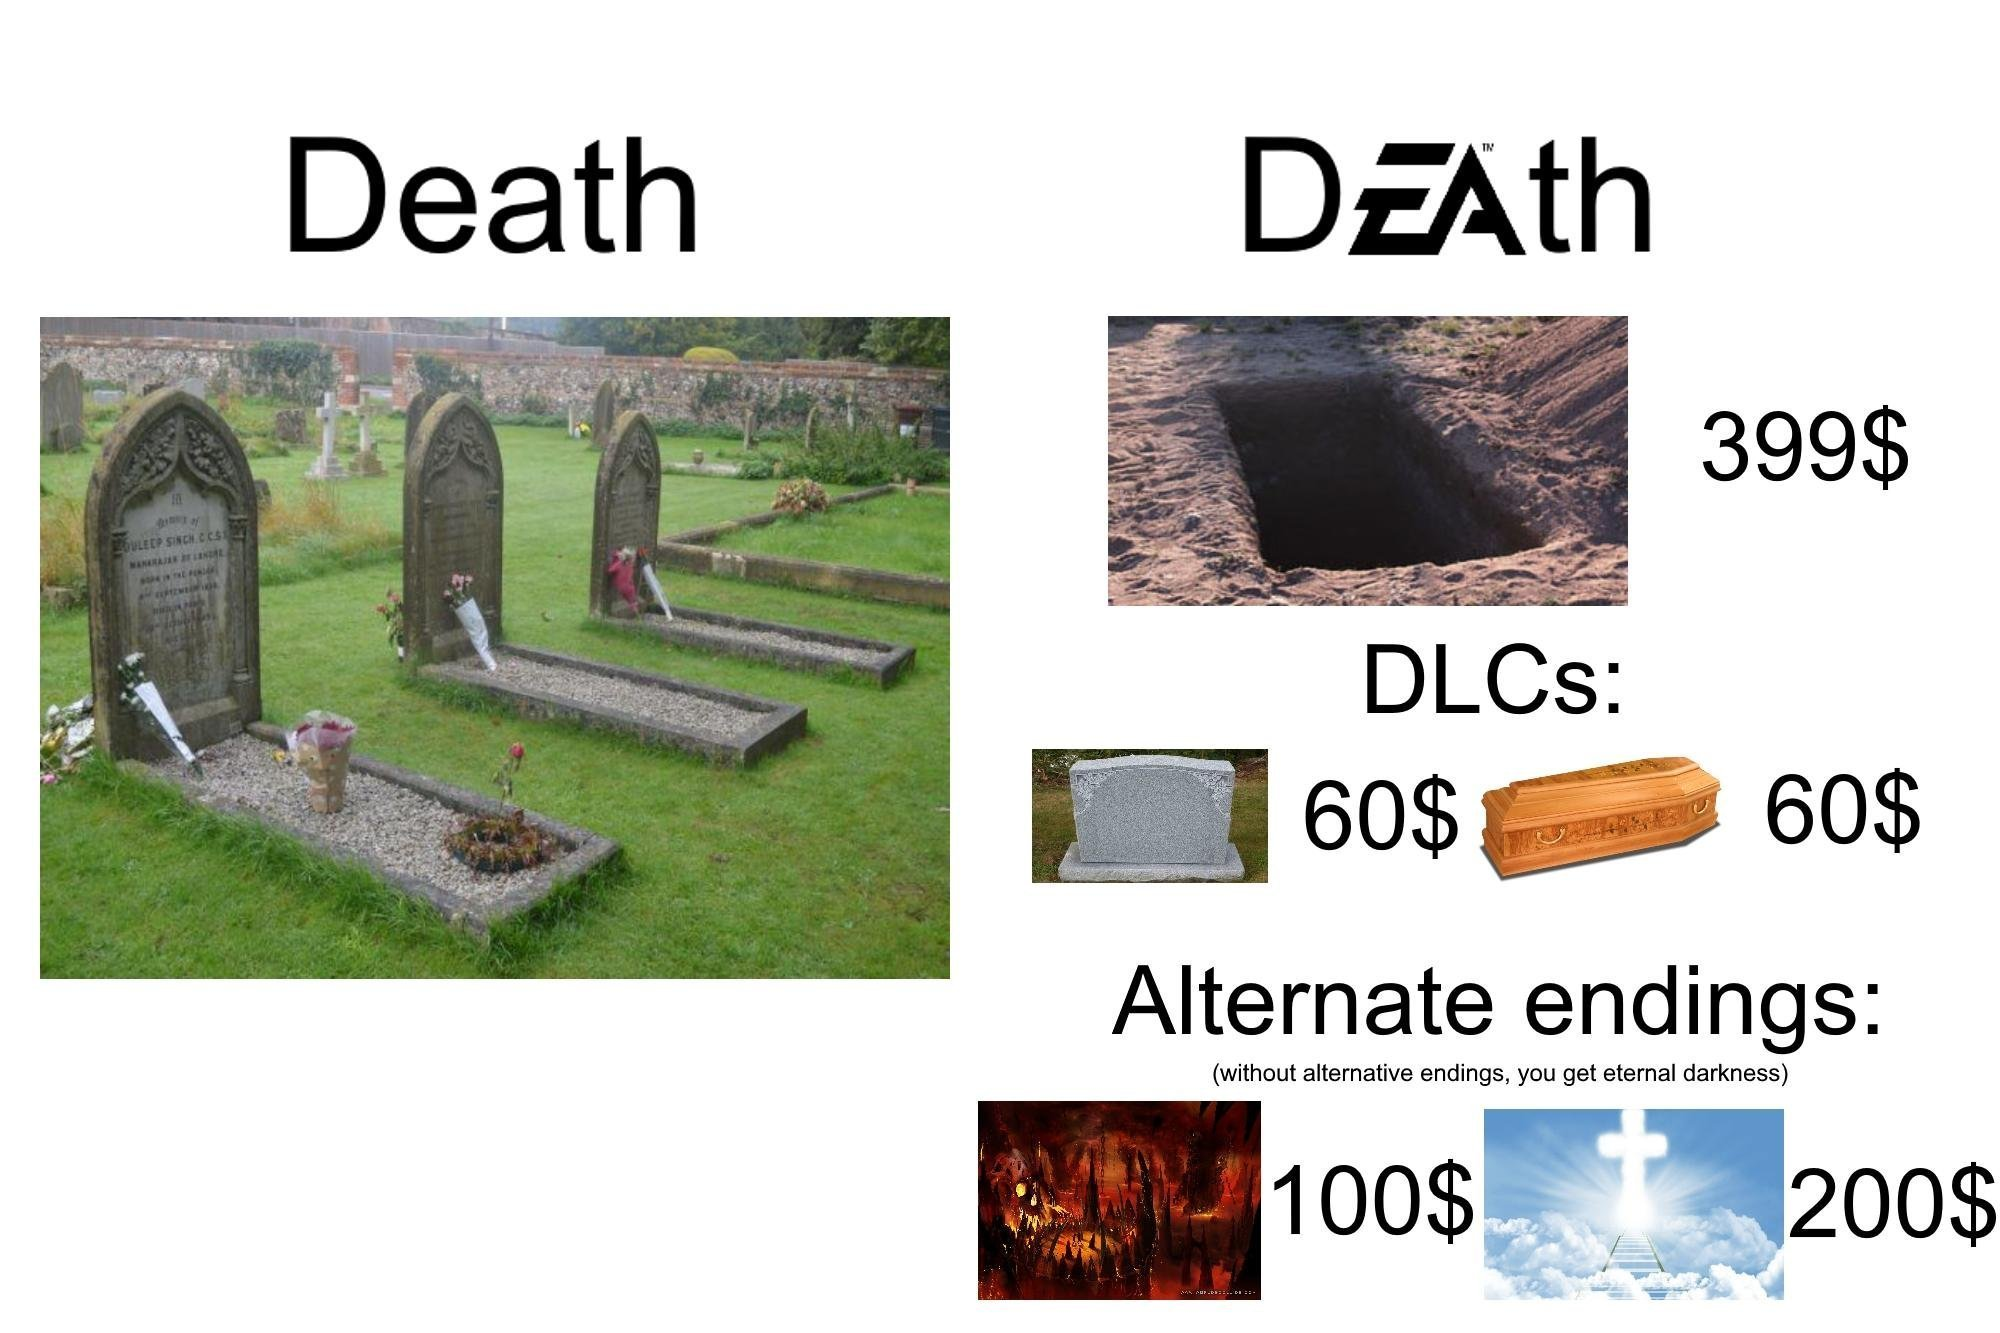 Death or DĒĀth? - meme